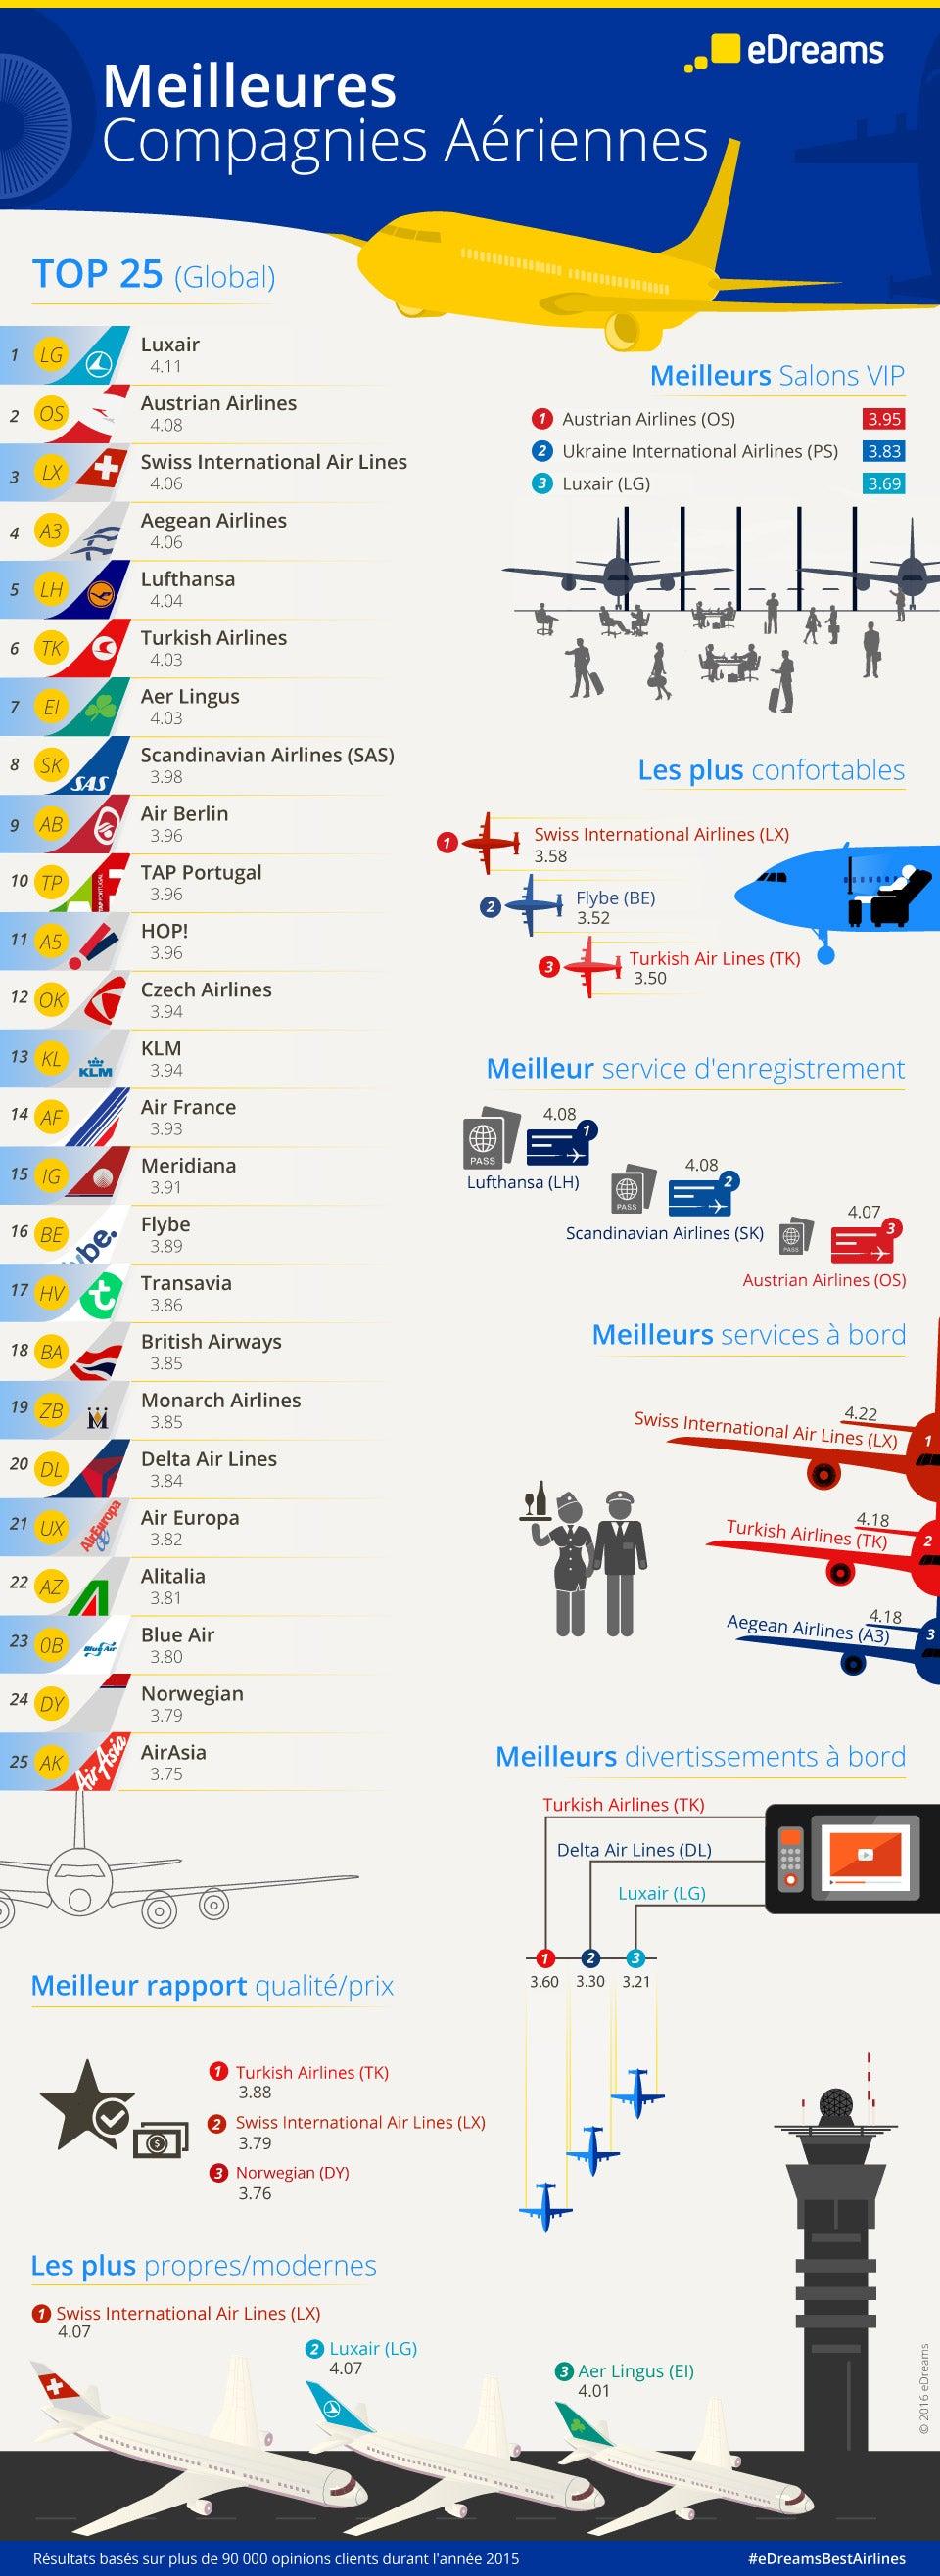 meilleures compagnies aériennes